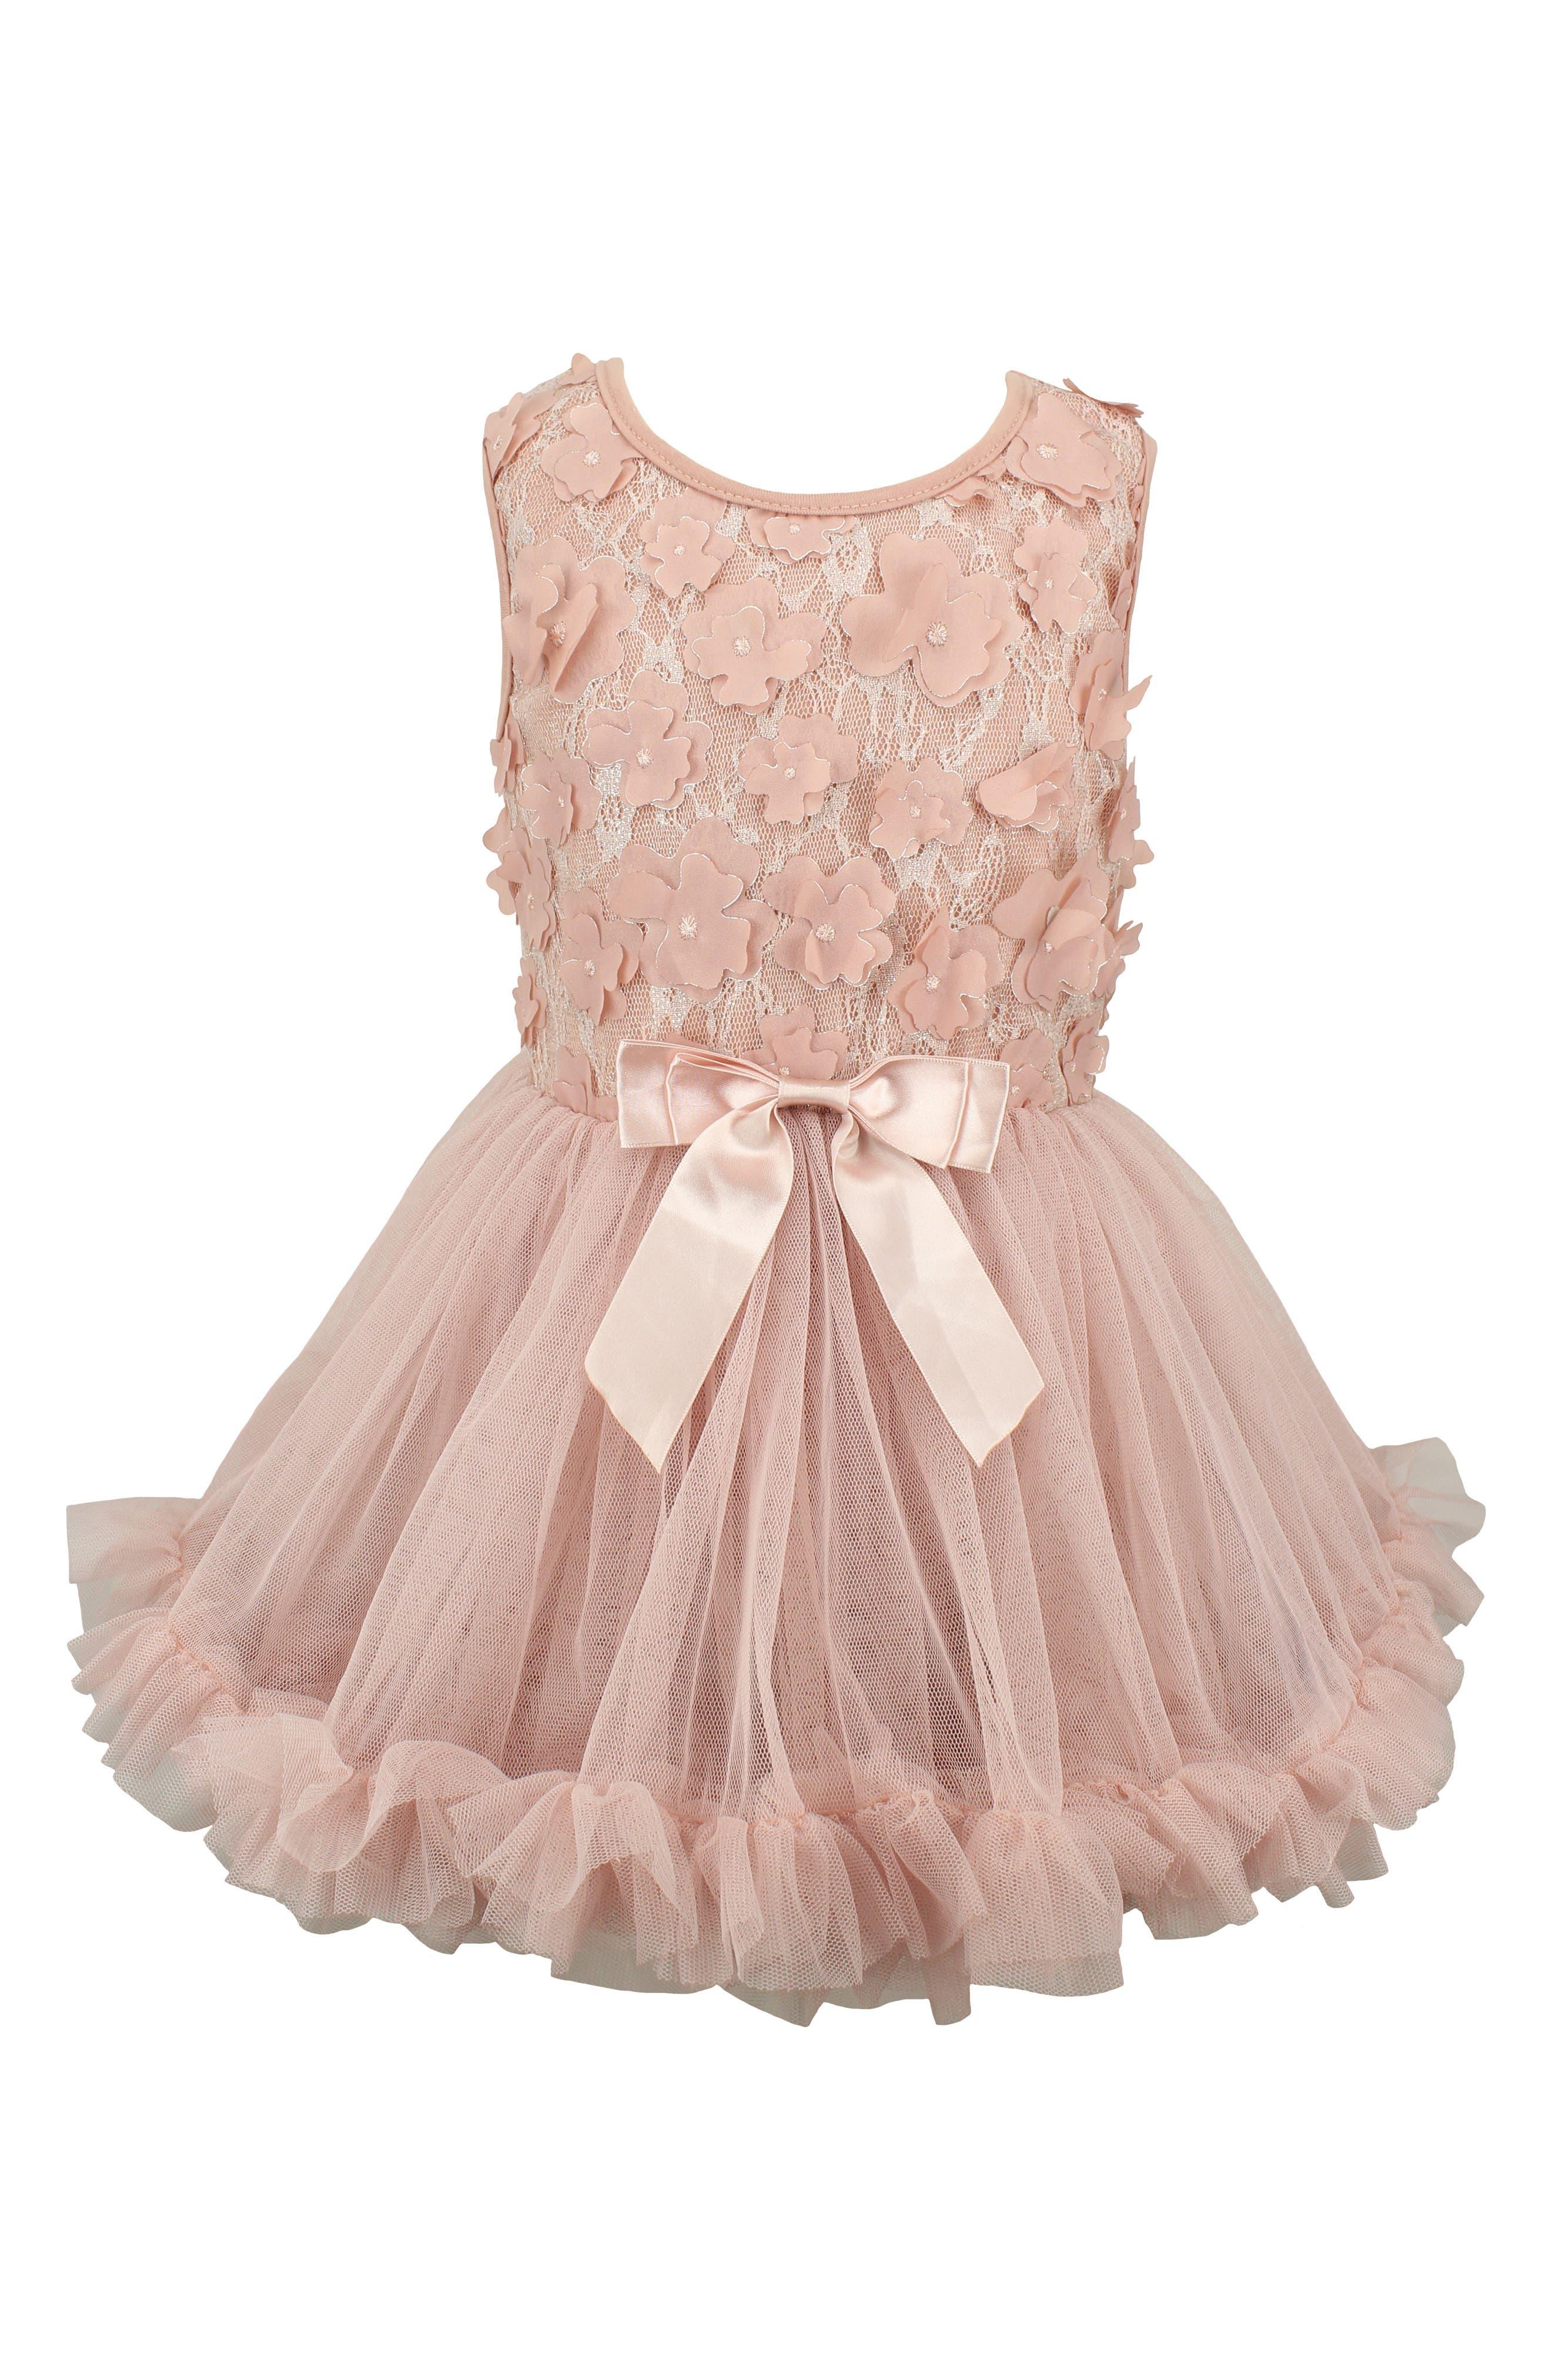 39ab09a66 Girl's Popatu Floral Applique Lace Tutu Dress, Size M (5-6) - Pink